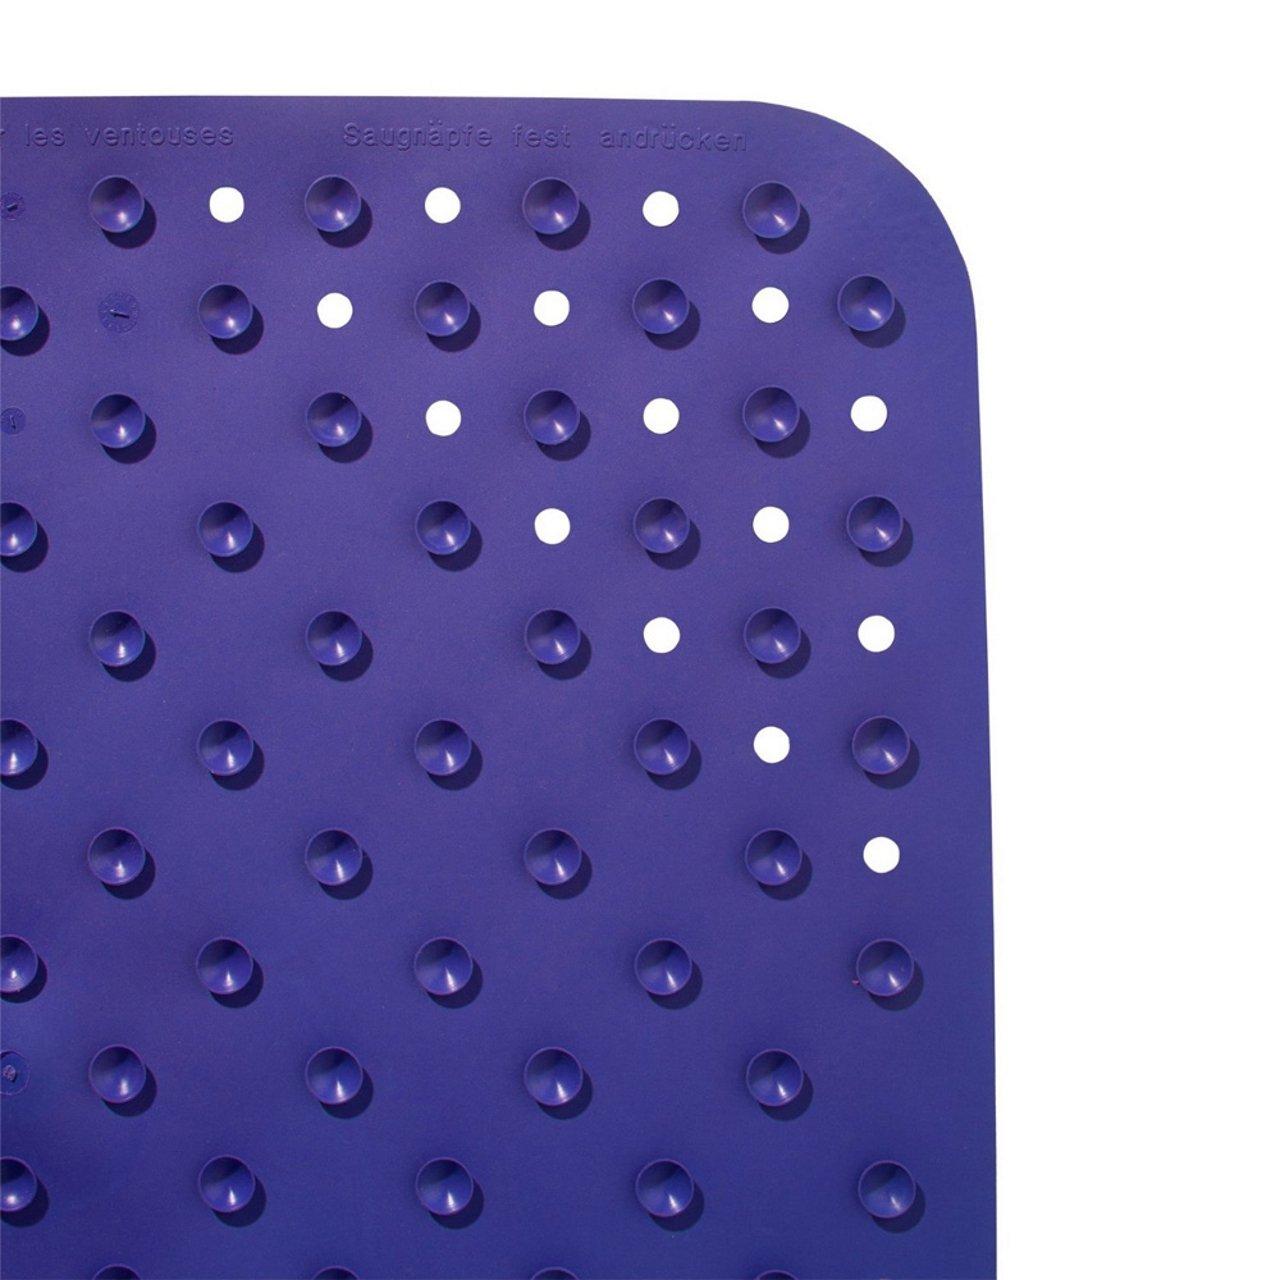 SANIMIX Wanneneinlage 72 x 38cm Farbe Wannenmatte Sicherheitseinlage f/ür die Badewanne LITTLE FEETS Gr/ö/ße Grau